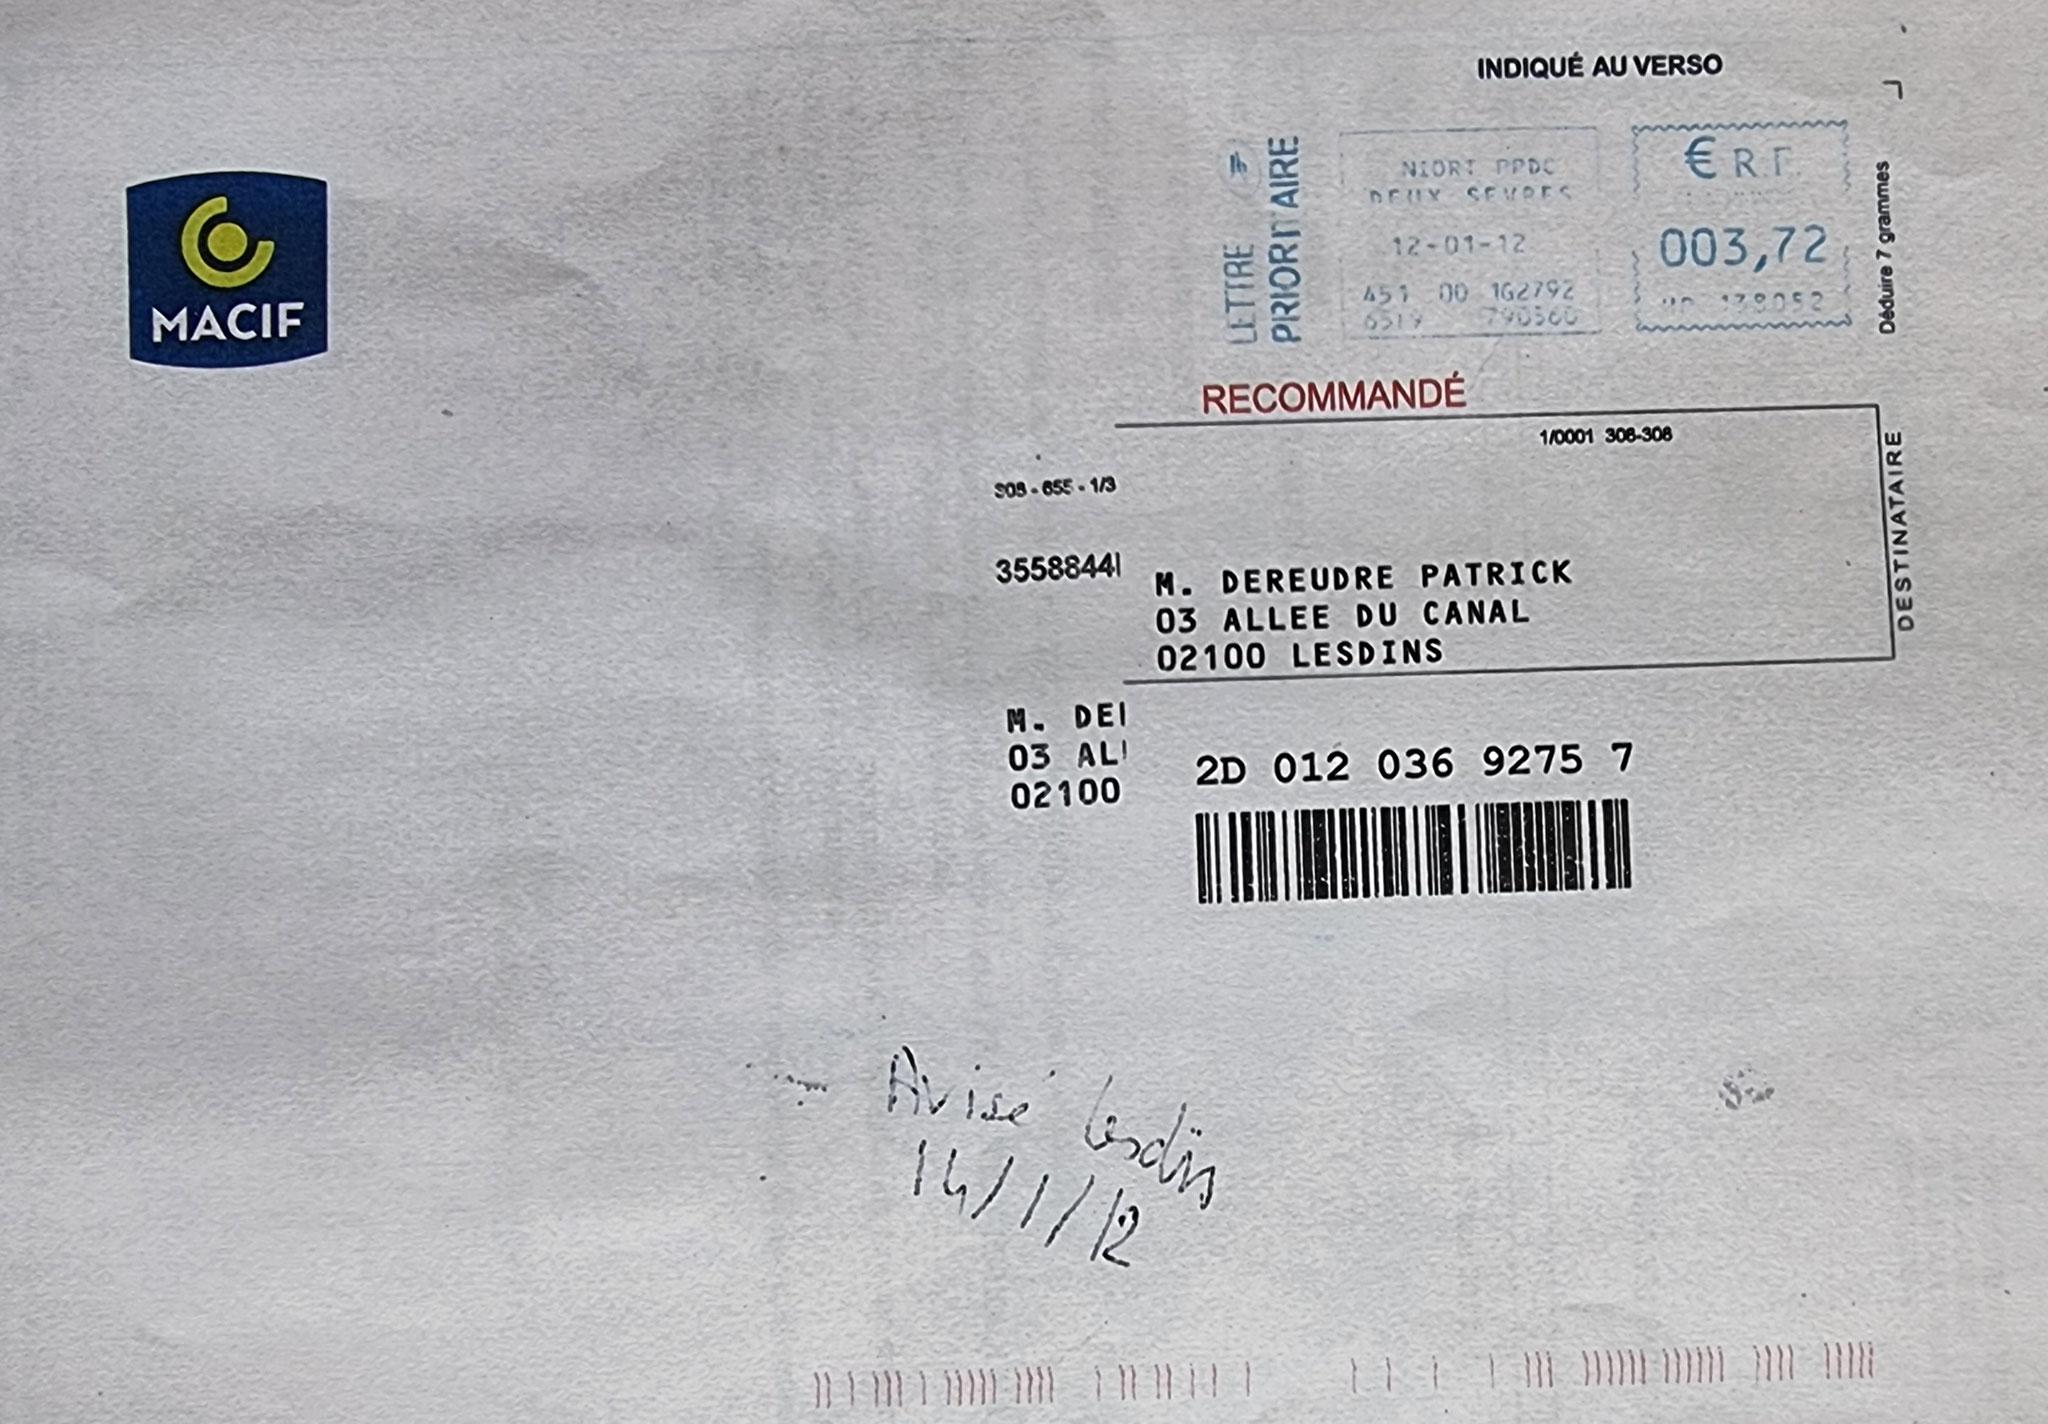 Le 12 Janvier 2012, notre cie d'Assurances La MACIF nous adresse une LRAR afin de résilier tous nos contrats. www.jenesuispasunchien.fr www.jesuisvictime.fr www.jesuispatrick.fr